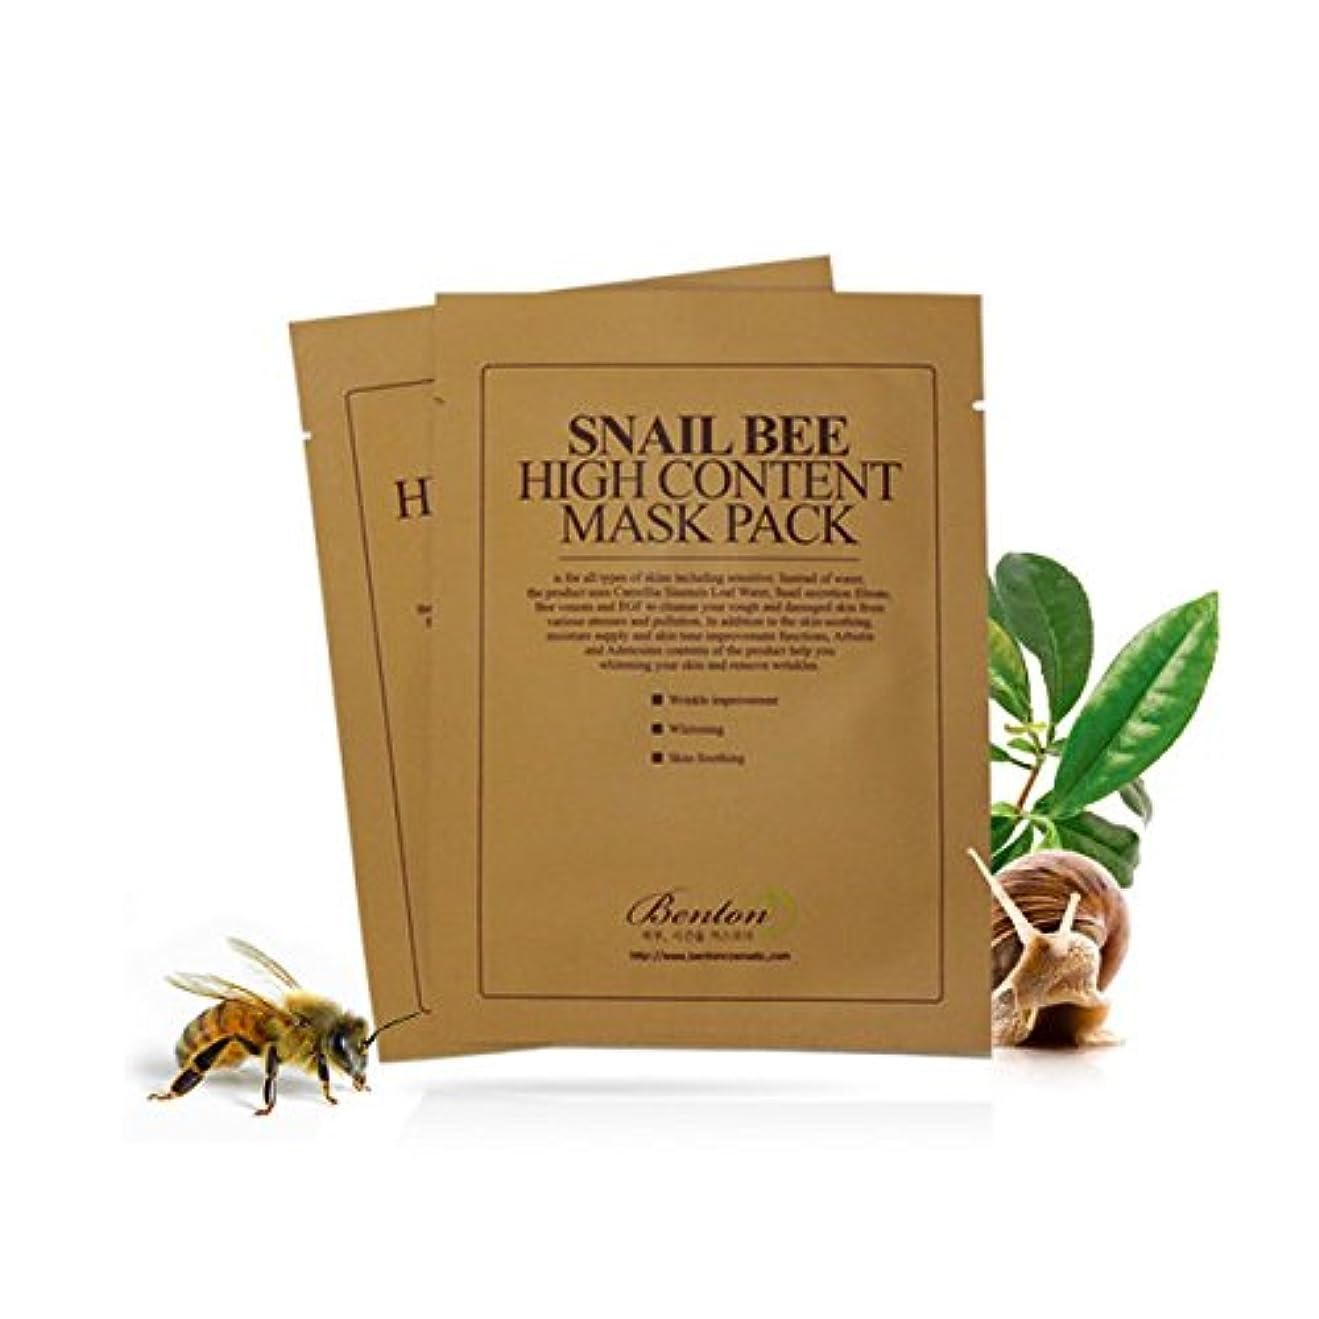 ドナー肌寒いゴールド[ベントン] BENTON カタツムリ蜂の高いコンテンツ?マスクパック Snail Bee High Content Mask Pack Sheet 10 Pcs [並行輸入品]